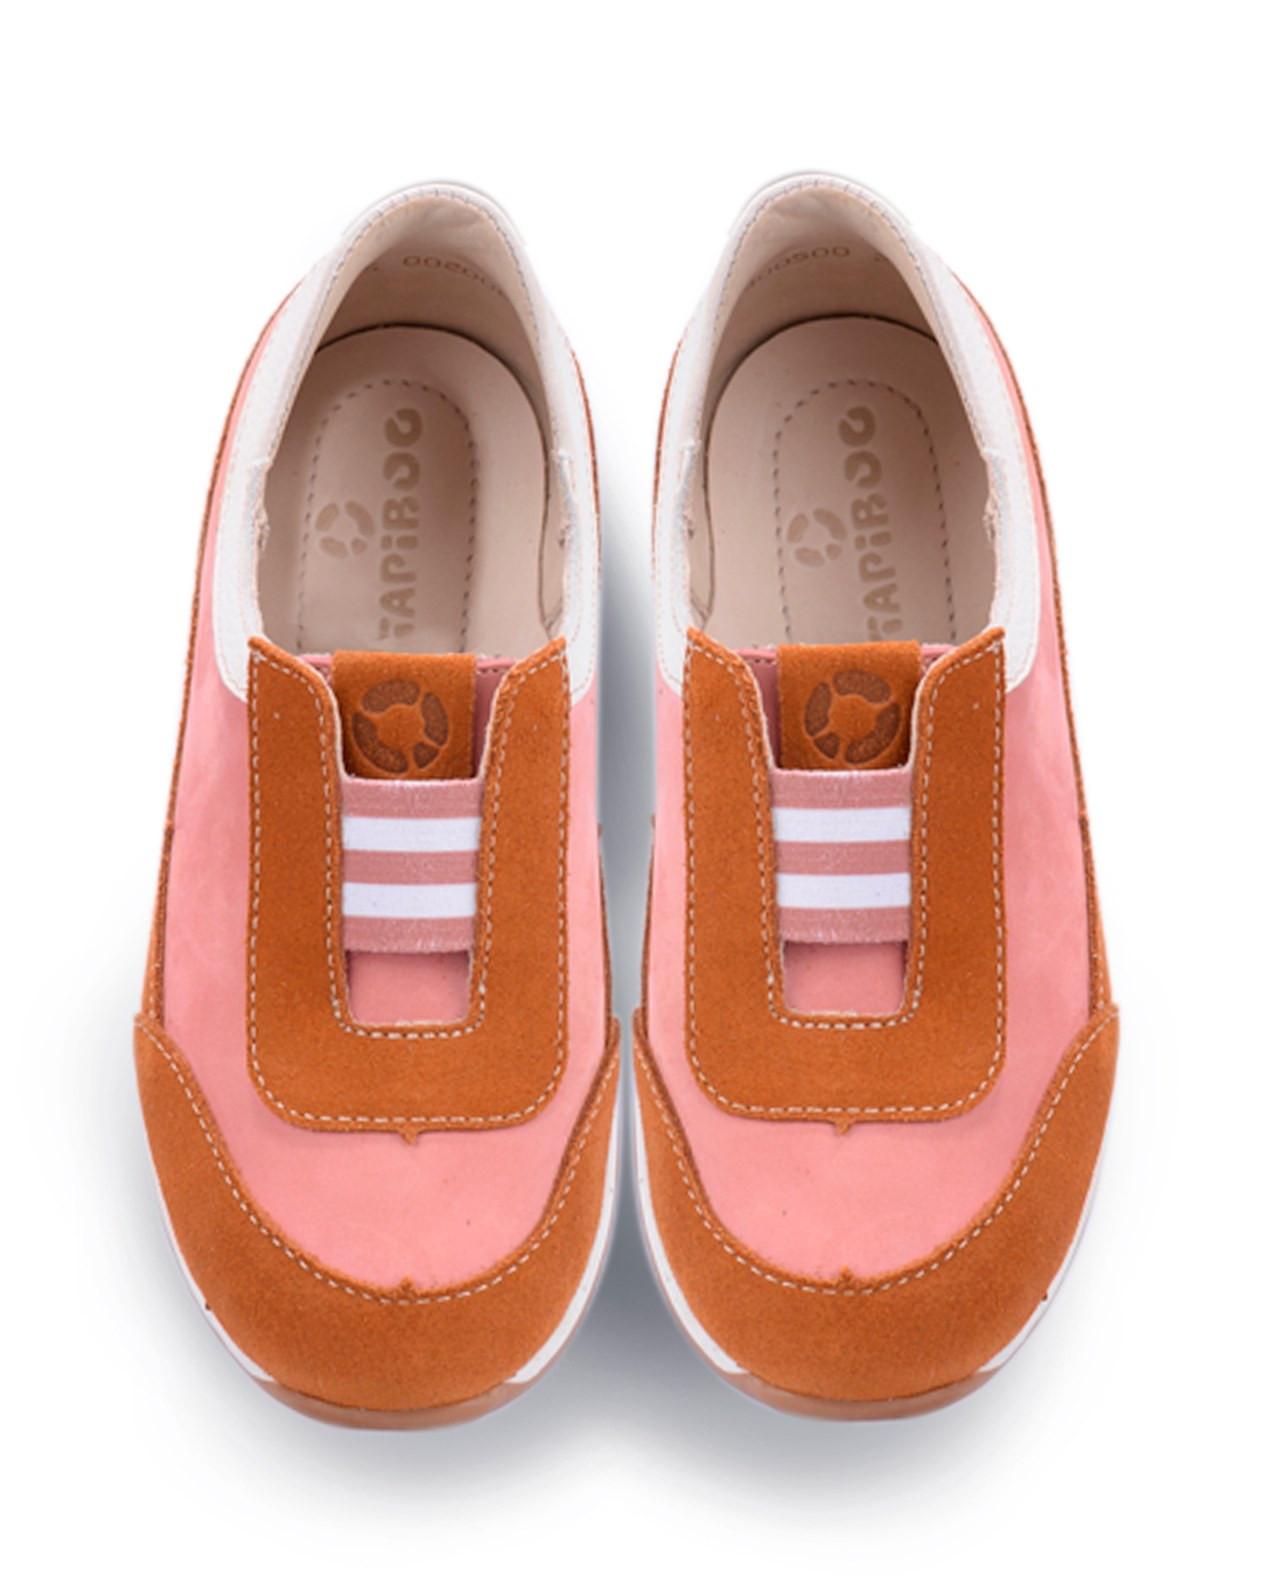 Полуботинки Детские, Tapiboo Карамель (43616, Ботинки<br>Полуботинки из коллекции «СПОРТ». Несмотря <br>на ярко-выраженный спортивный дизайн обладают <br>всеми необходимыми свойствами профилактической <br>обуви. Каблук продлен с внутренней стороны <br>до середины стопы, чтобы исключить вращение <br>(заваливание) стопы вовнутрь (вальгусная <br>деформация). Многослойная, анатомическая <br>стелька со сводоподдерживающим элементом <br>для правильного формирования стопы. Благодаря <br>использованию современных внутренних материалов <br>позволяет оптимально распределить нагрузку <br>по всей площади стопы и свести к минимуму <br>ее ударную составляющую. Жесткий фиксирующий <br>задник надежно стабилизирует голеностопный <br>сустав во время ходьбы. Упругая, эластичная <br>подошва, позволяет повторить естественное <br>движение стопы при ходьбе для правильного <br>распределения нагрузки на опорно-двигательный <br>аппарат ребенка. Подкладка из кожи теленка <br>обладает мягкостью и природной способностью <br>пропускать воздух для создания оптимального <br>температурного режима (нога не потеет) и <br>предотвращает натирание. Удобная, эластичная <br>резинка позволяет ле<br>Размер INT: M; Цвет: Красный; Ширина: 100; Высота: 200; Вес: 1000;